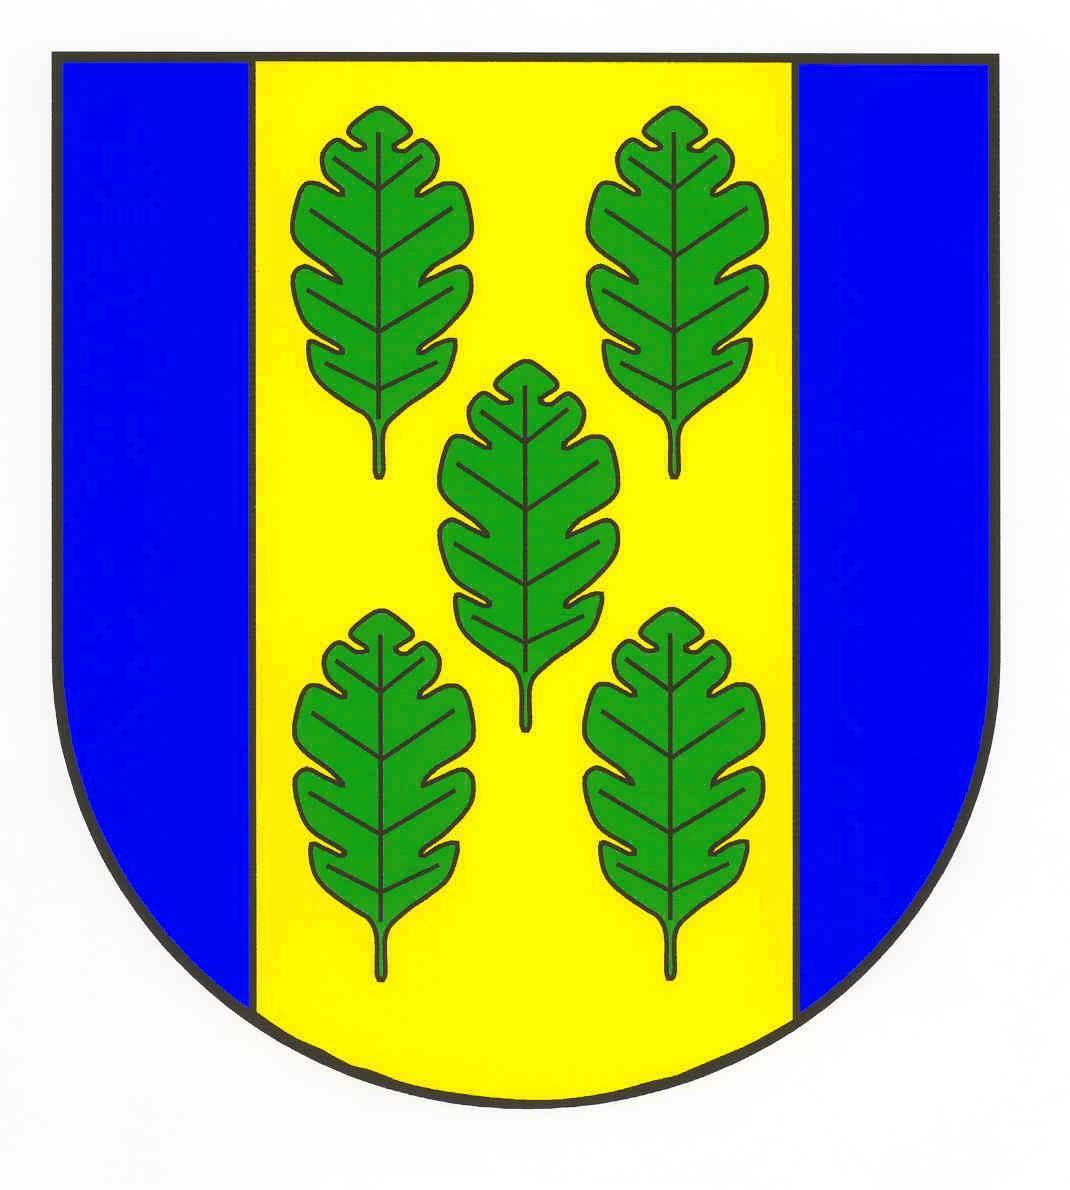 Wappen GemeindeNehmten, Kreis Plön